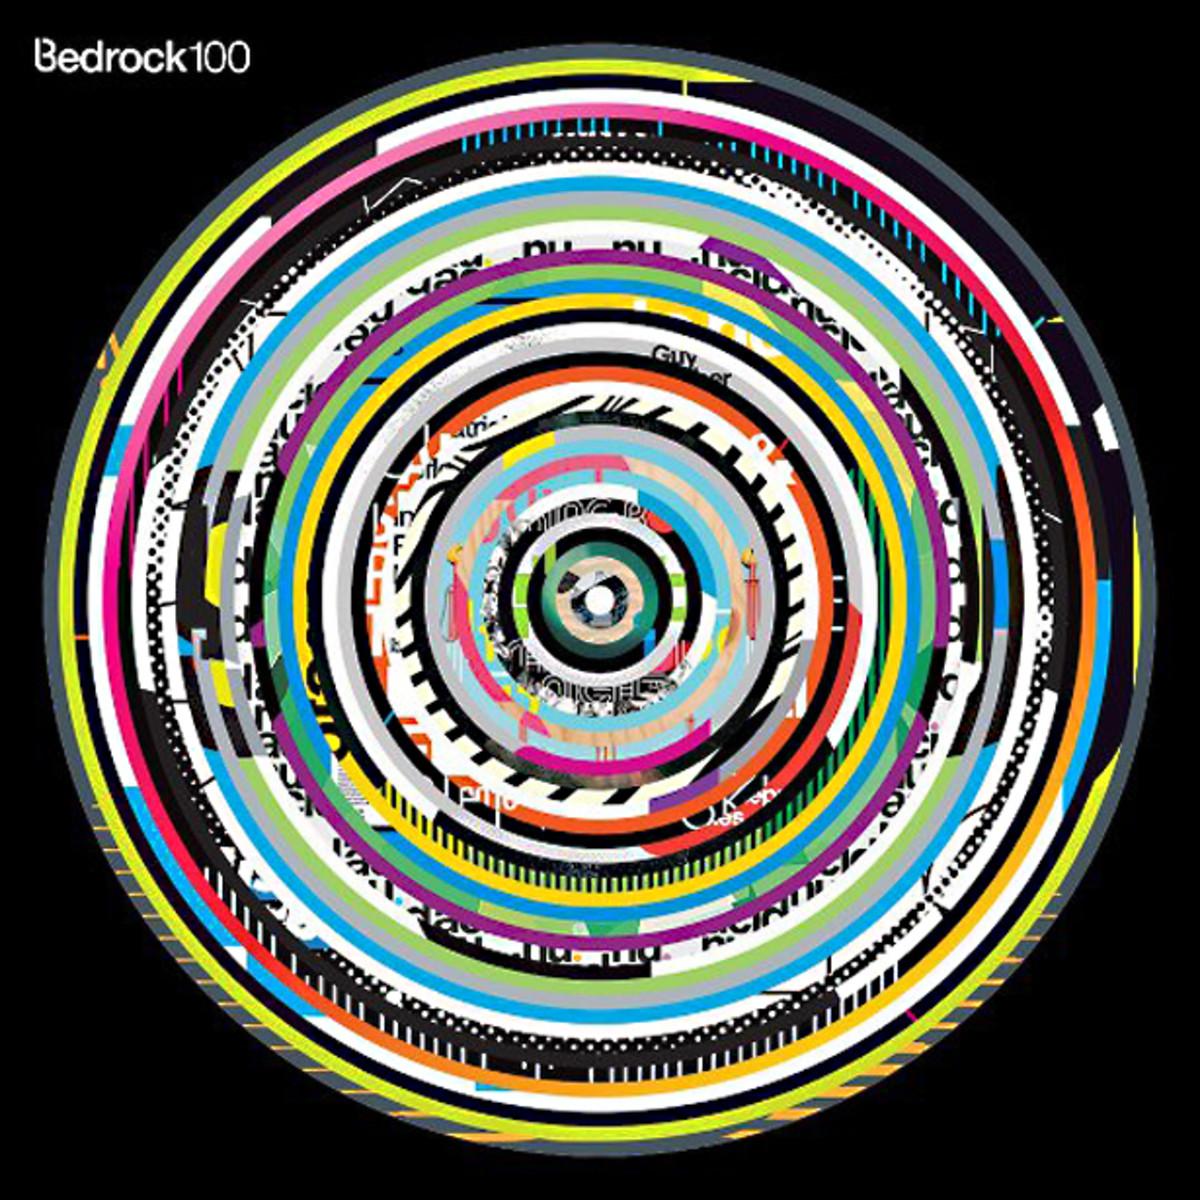 Bedrock-100